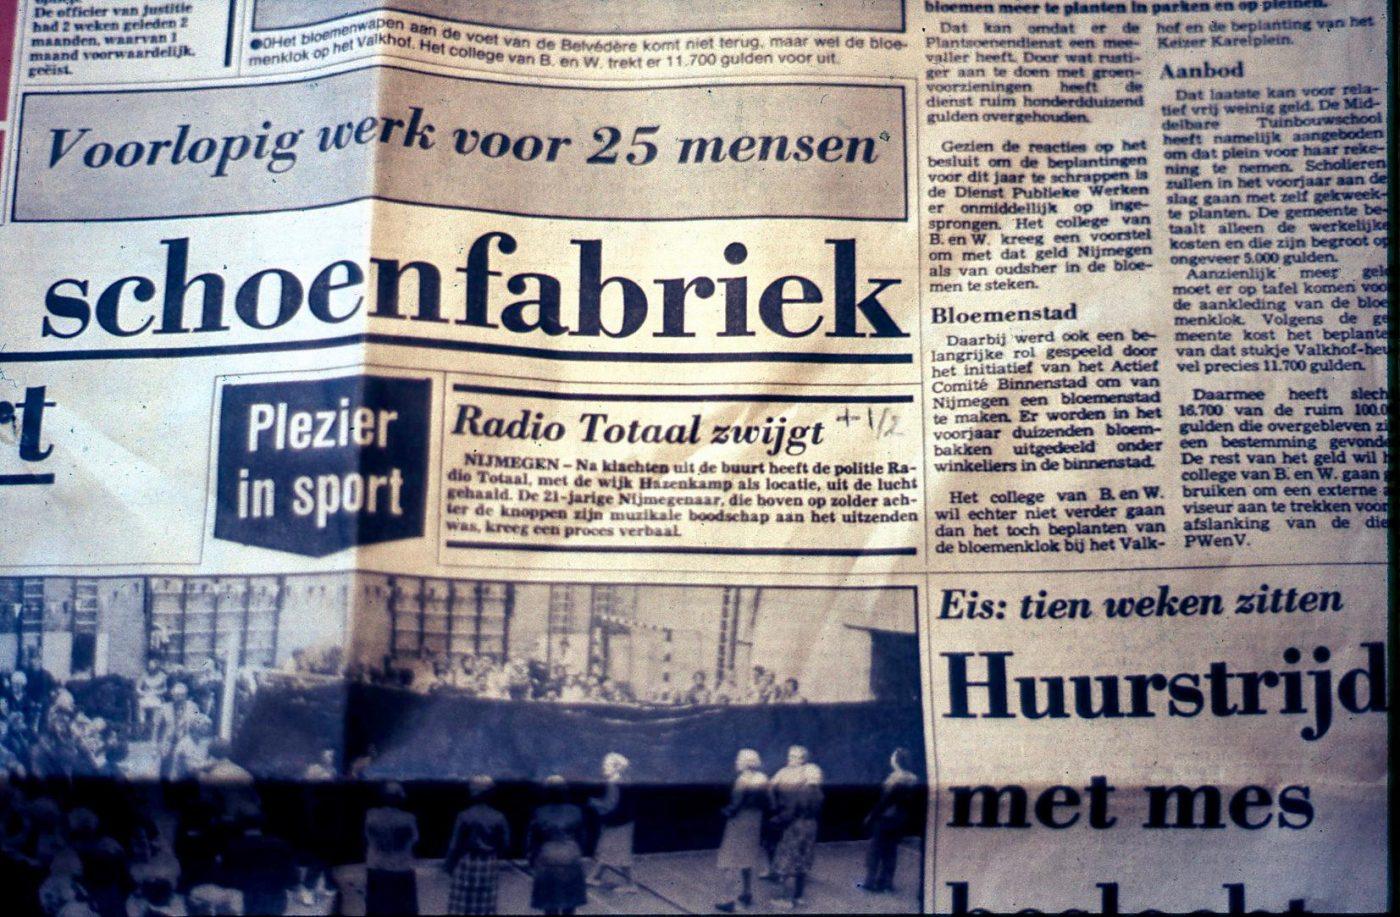 artikel gelderlander radio totaal zwijgt